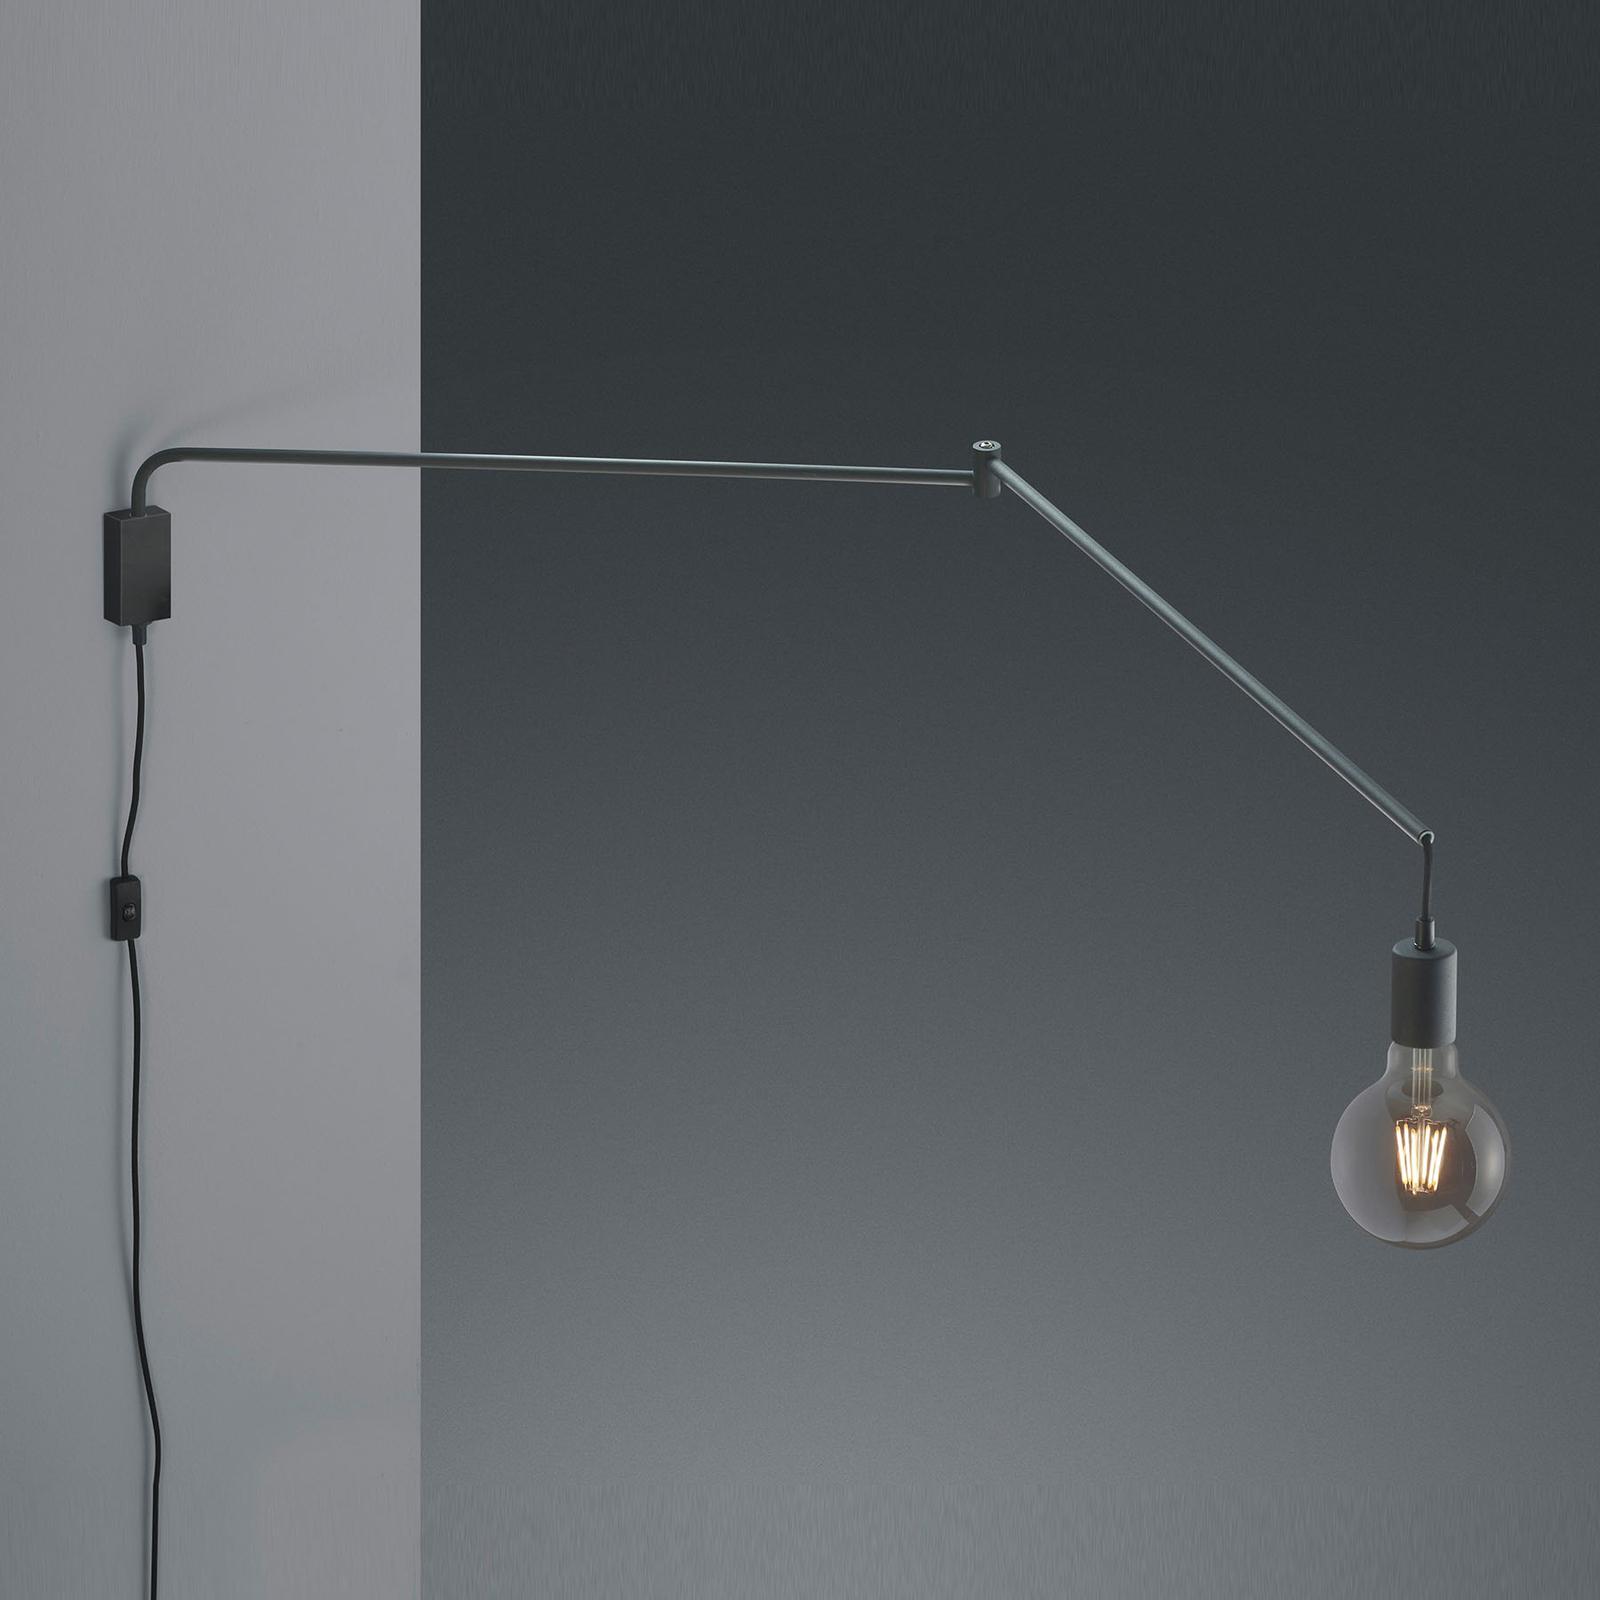 Vegglampe Line med kabel + plugg, svart